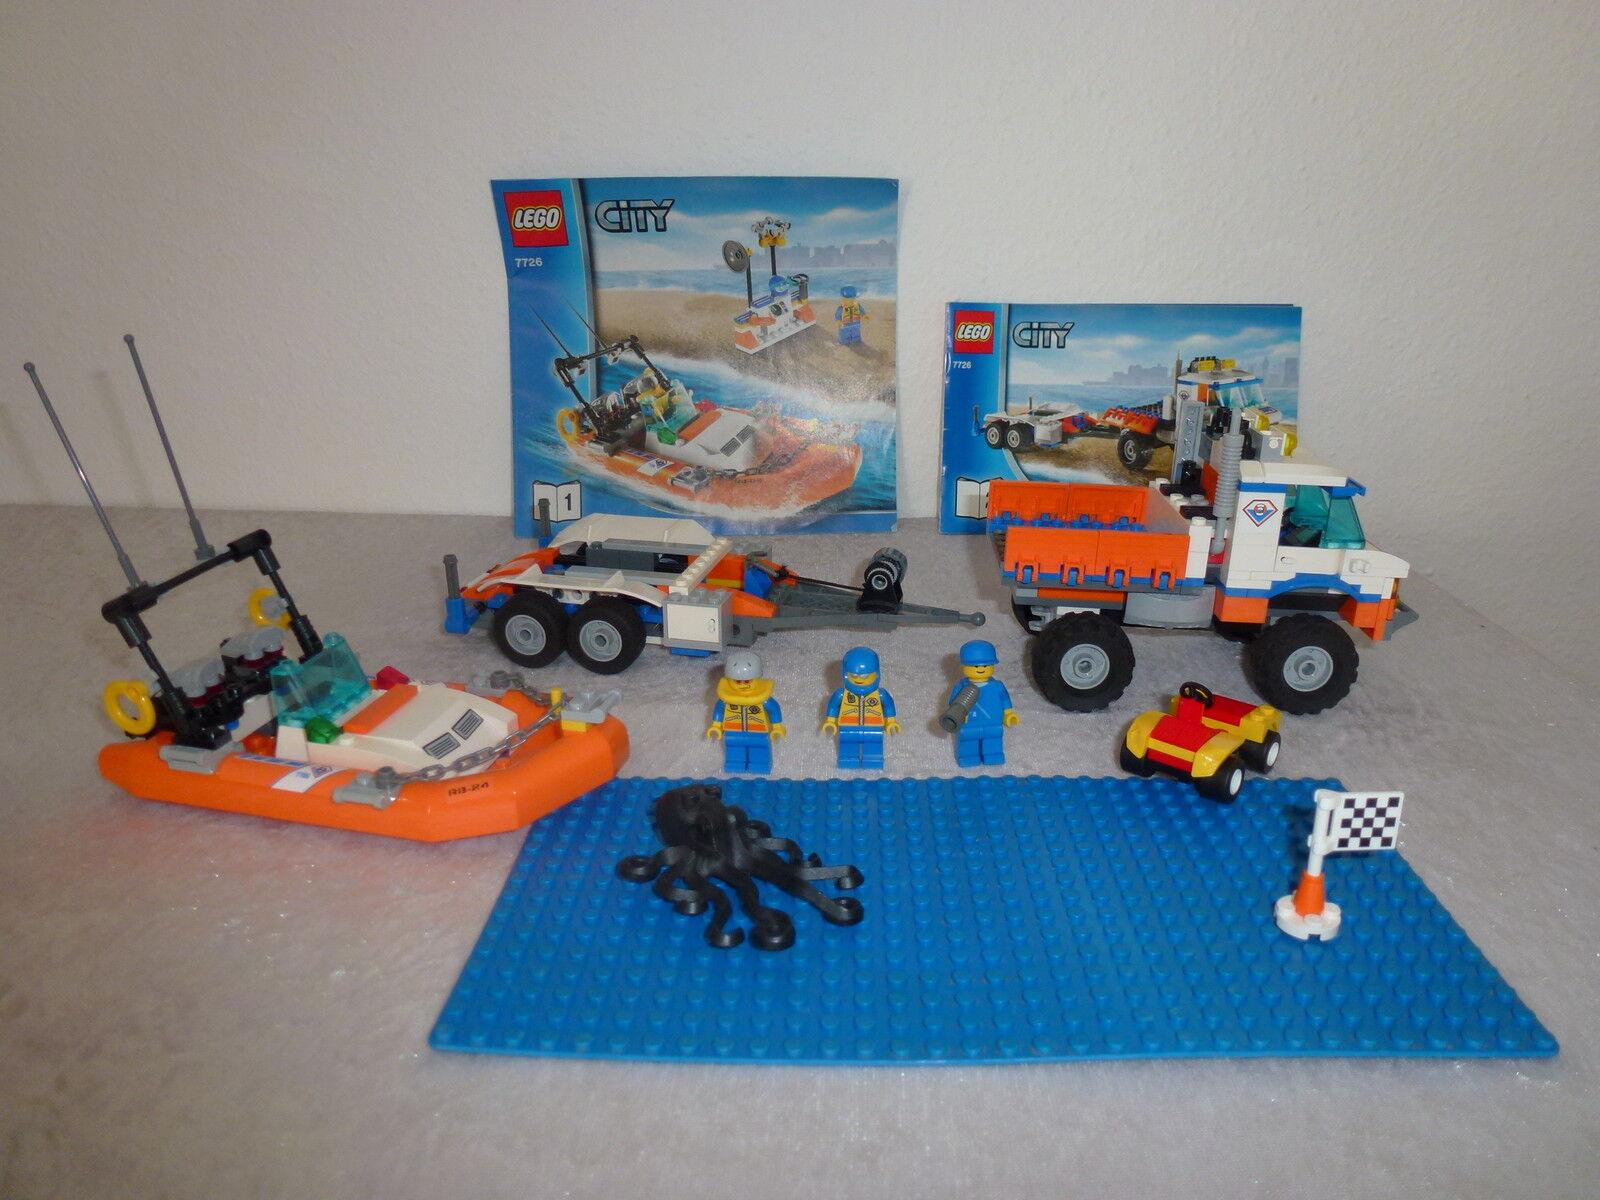 LEGO City 7726 foglio 1 + 2 + OBA + automobili, ecc. * rarità *  46